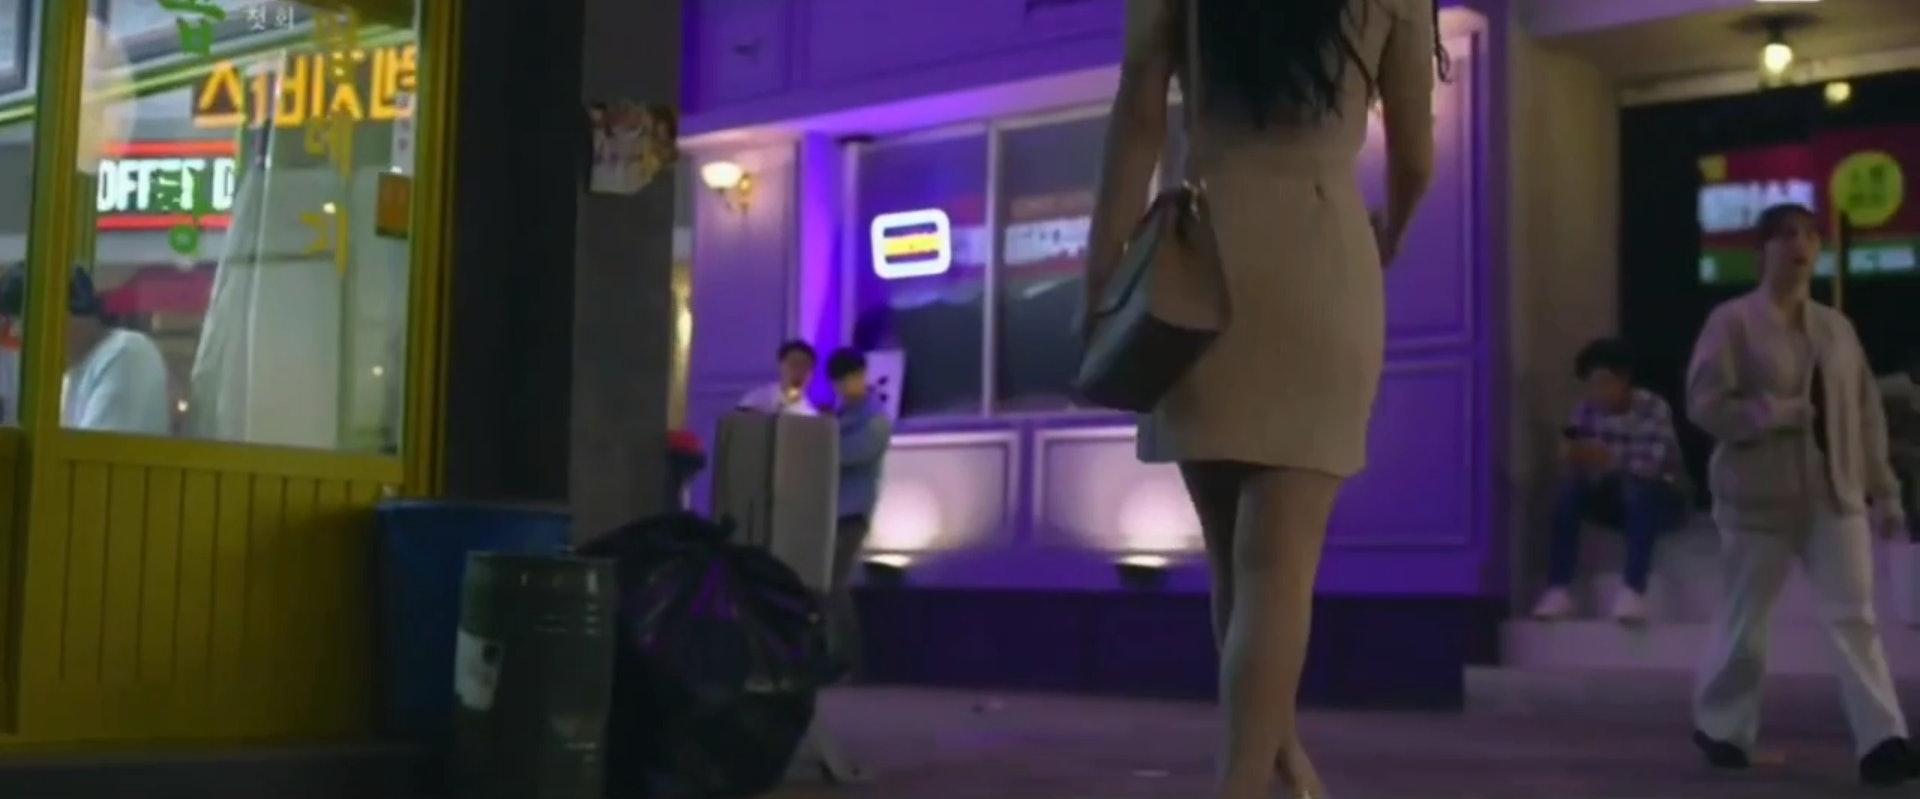 改编19禁网漫《便利店新星》!为符合剧情「金裕贞」微性感穿搭惹议,韩国网民正反两极…